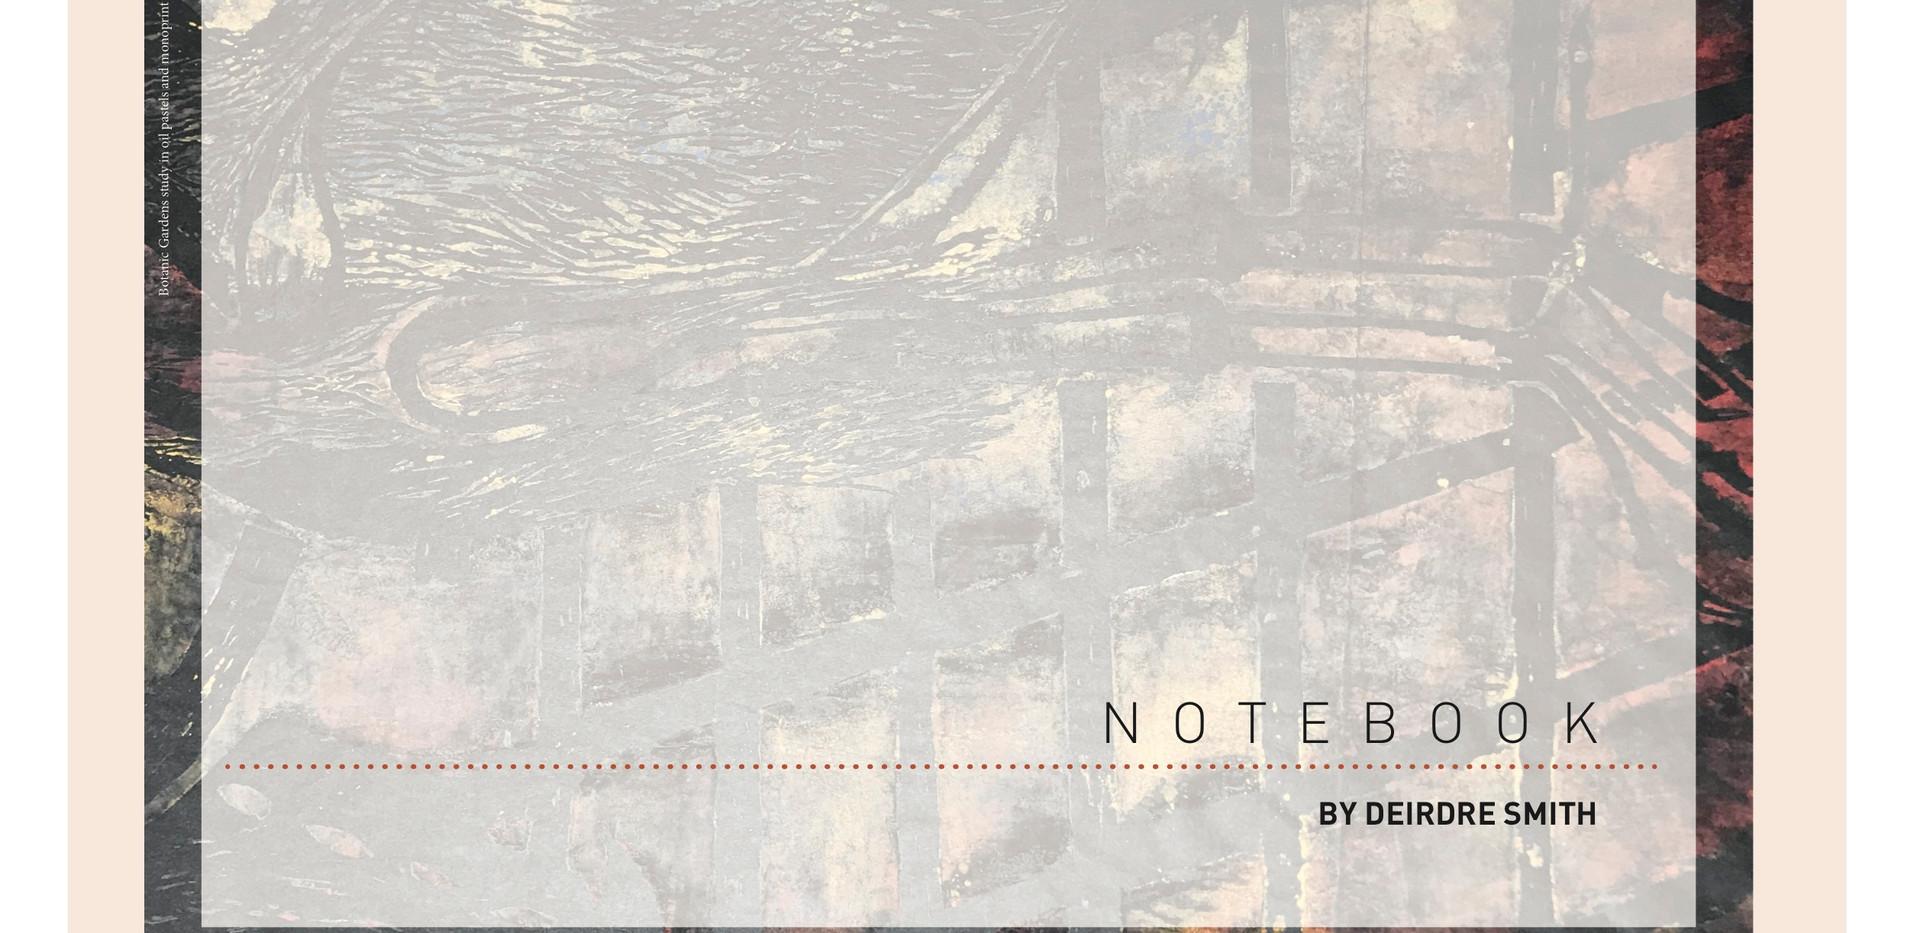 DIGITAL_NOTEBOOK_DEIRDRE_SMITH_PME1 (dra